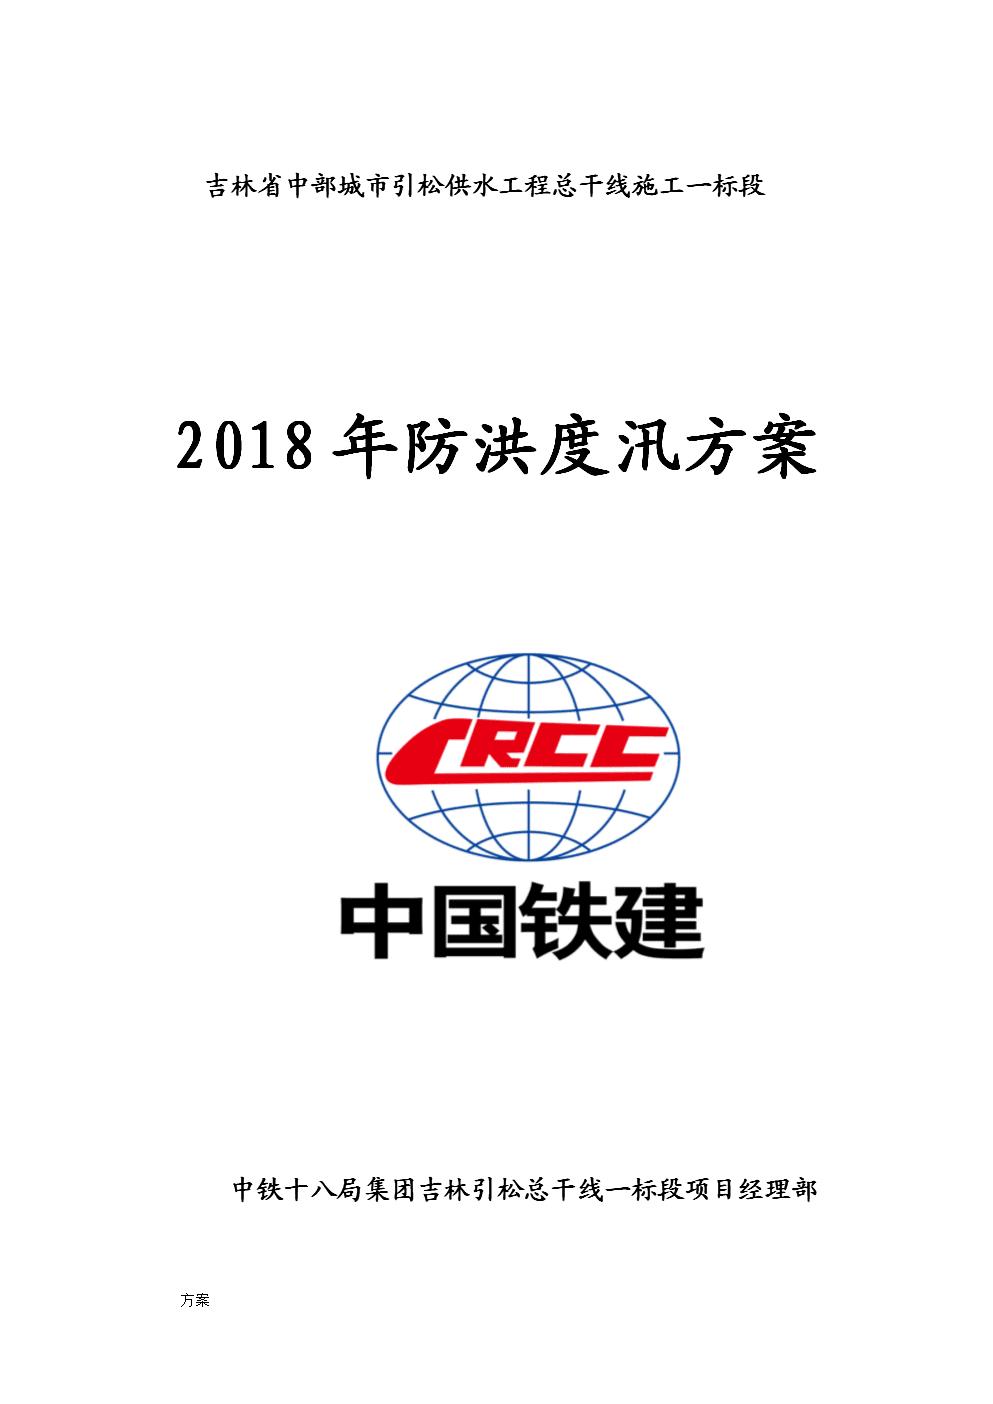 2018年防洪度汛的解决方案.doc